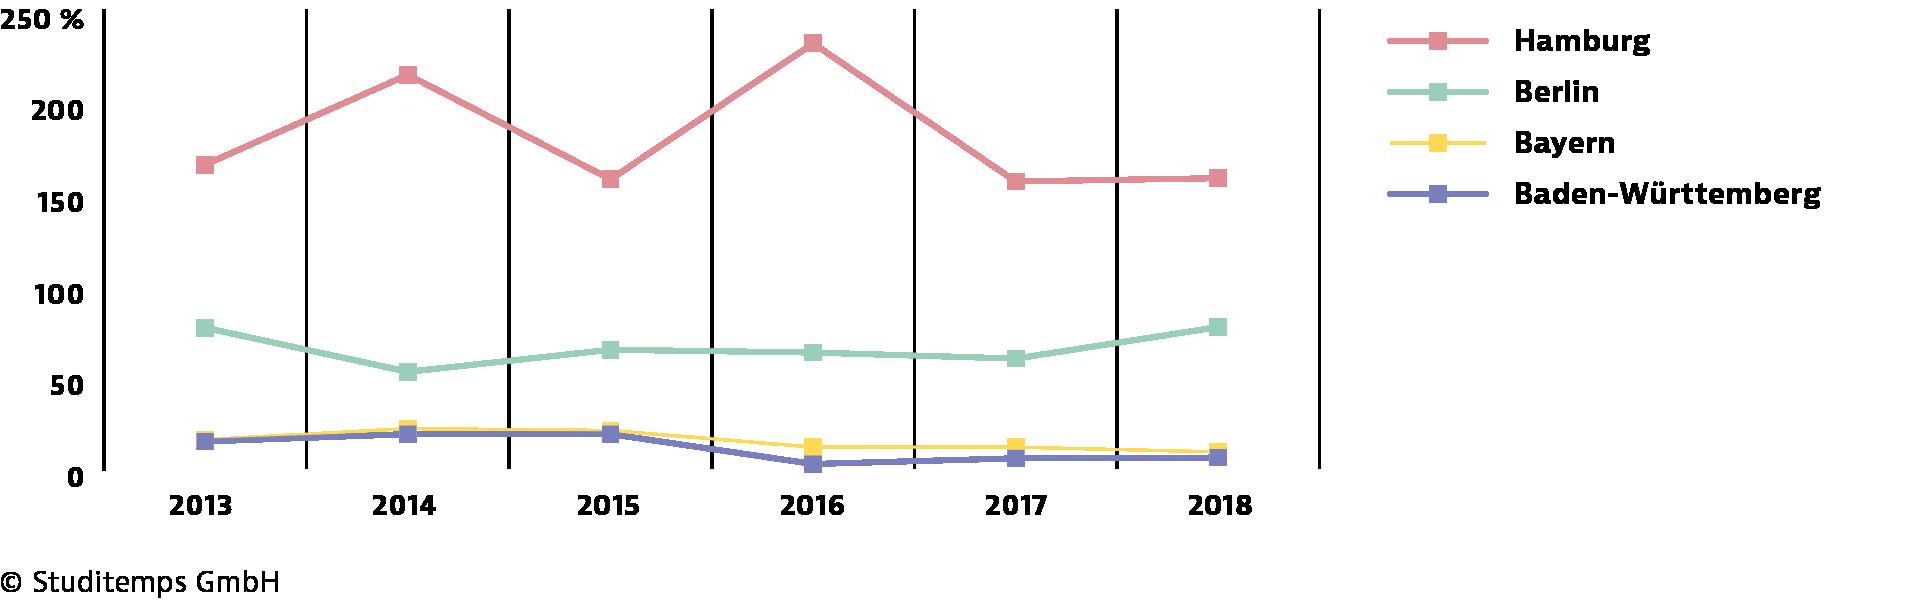 GETPRESS-Diagramm-Trend-der-studentischen-Migration-positiv